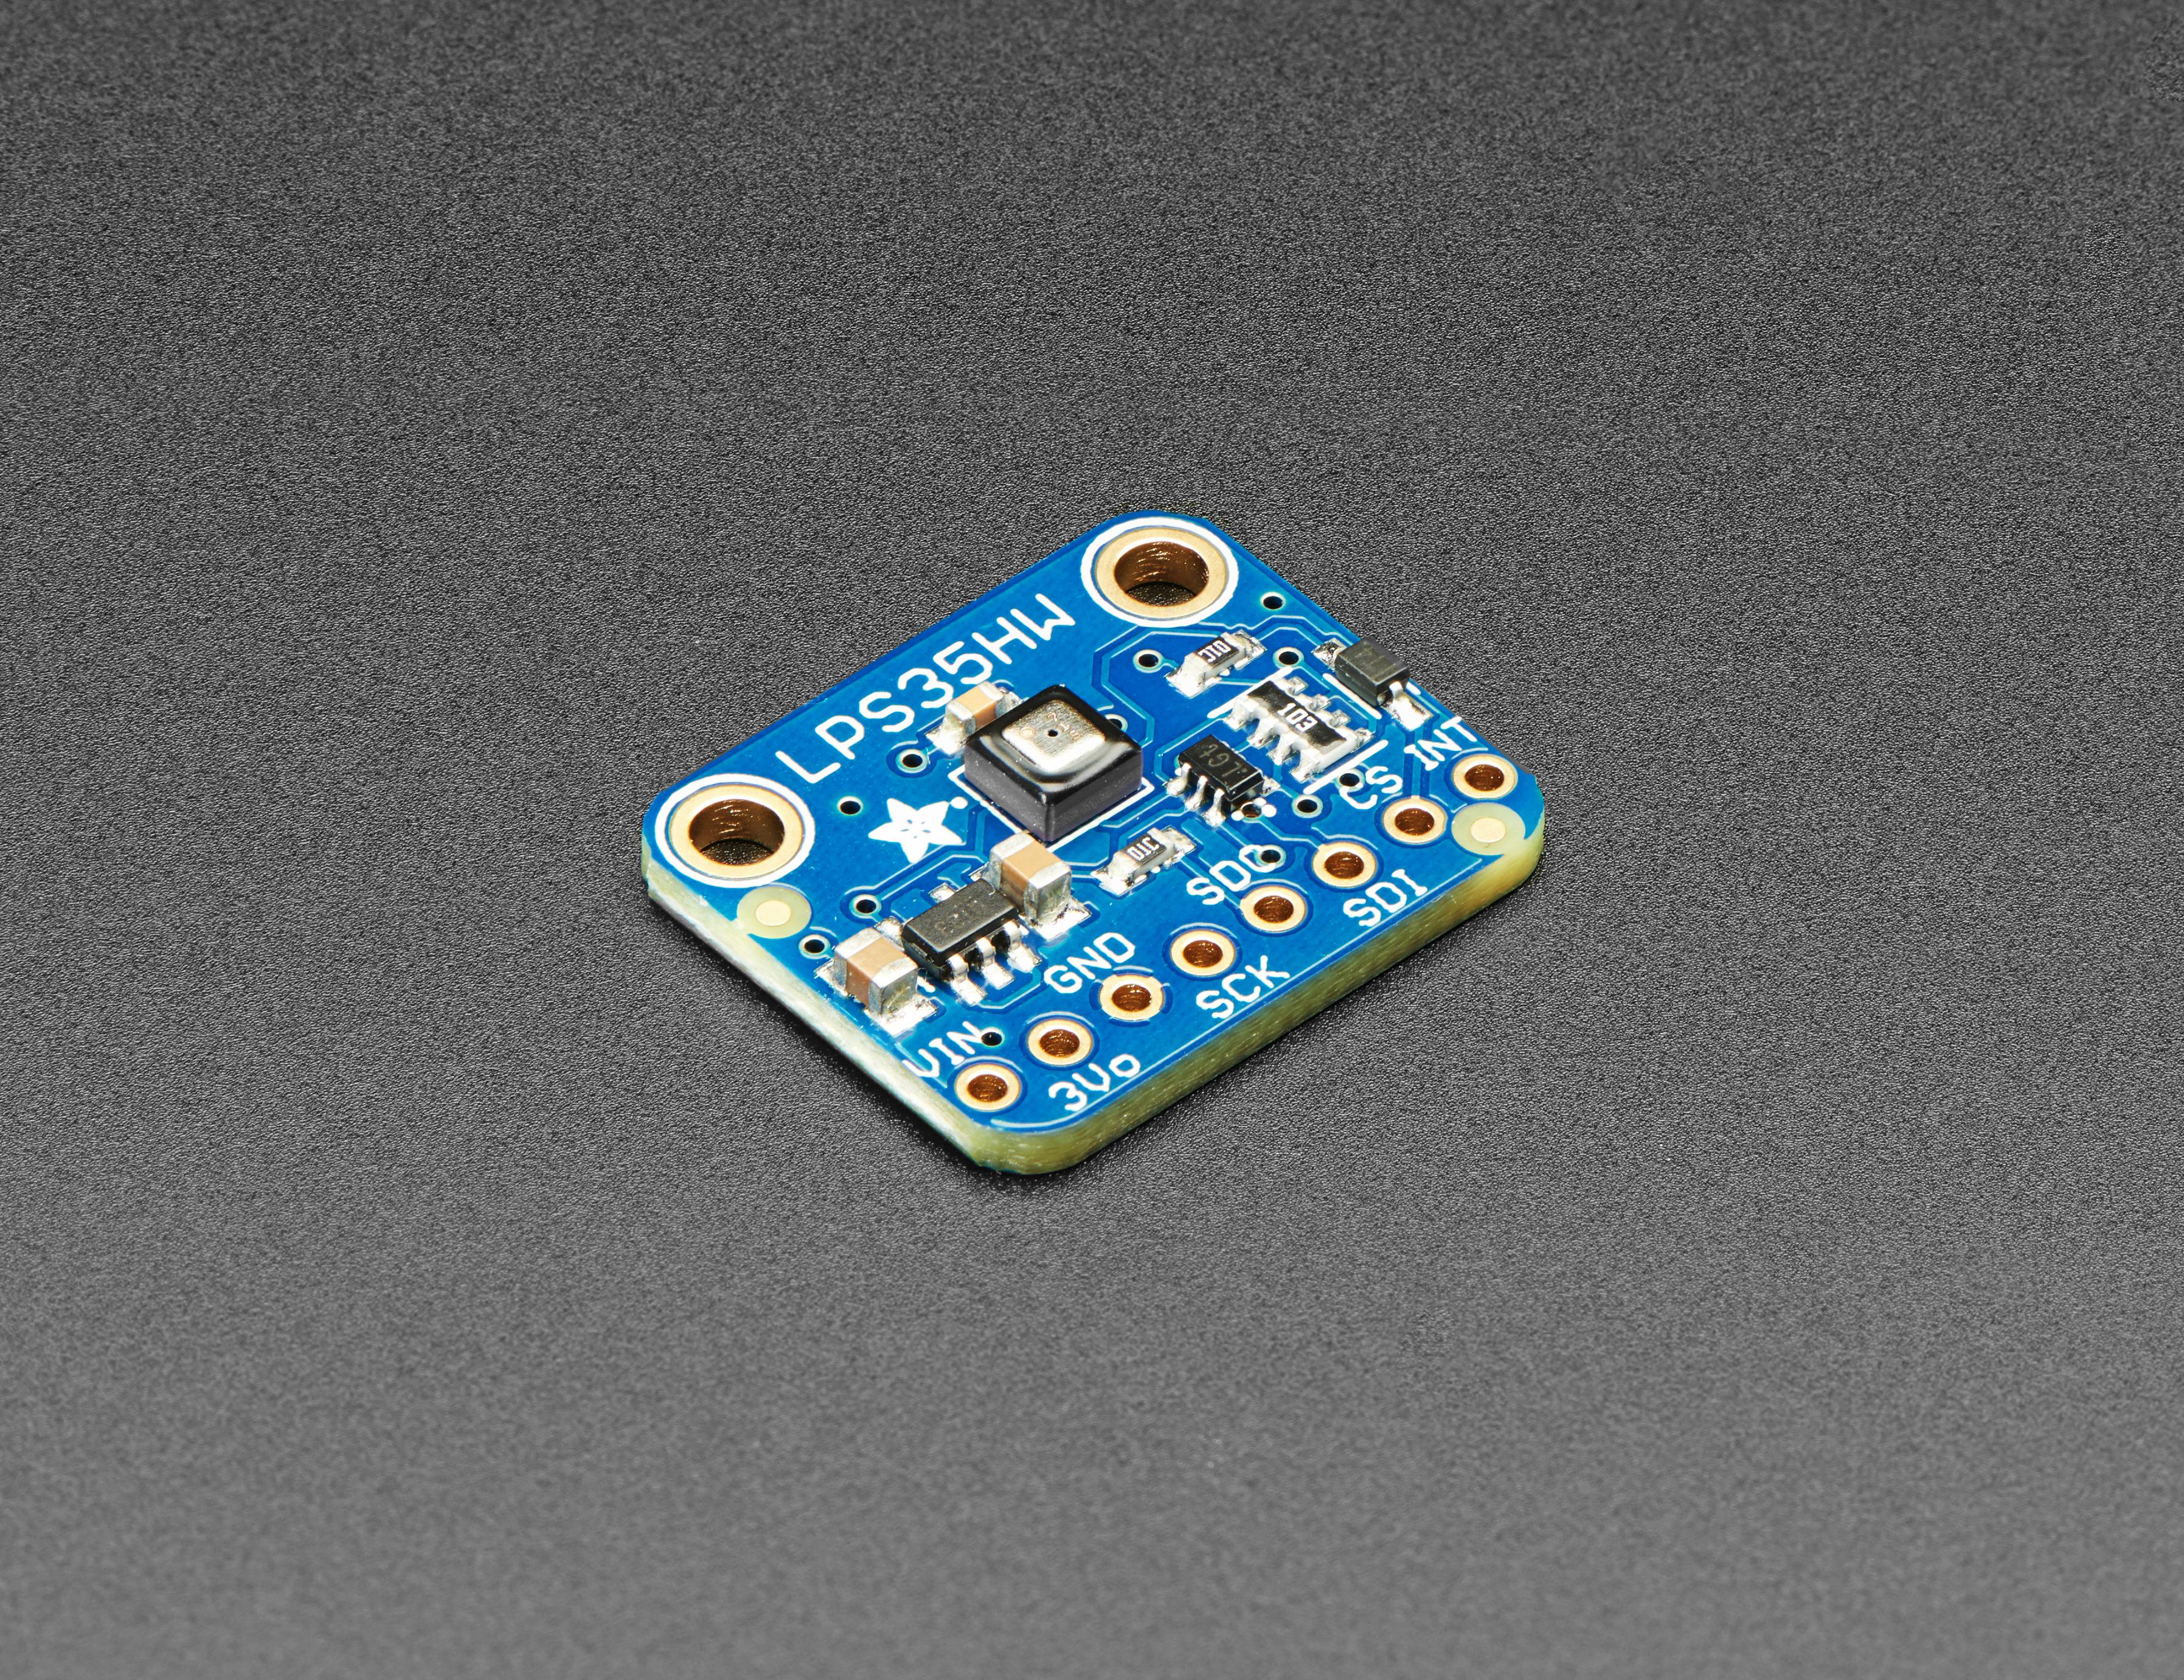 sensors_4258_iso_02_ORIG_2019_06.jpg